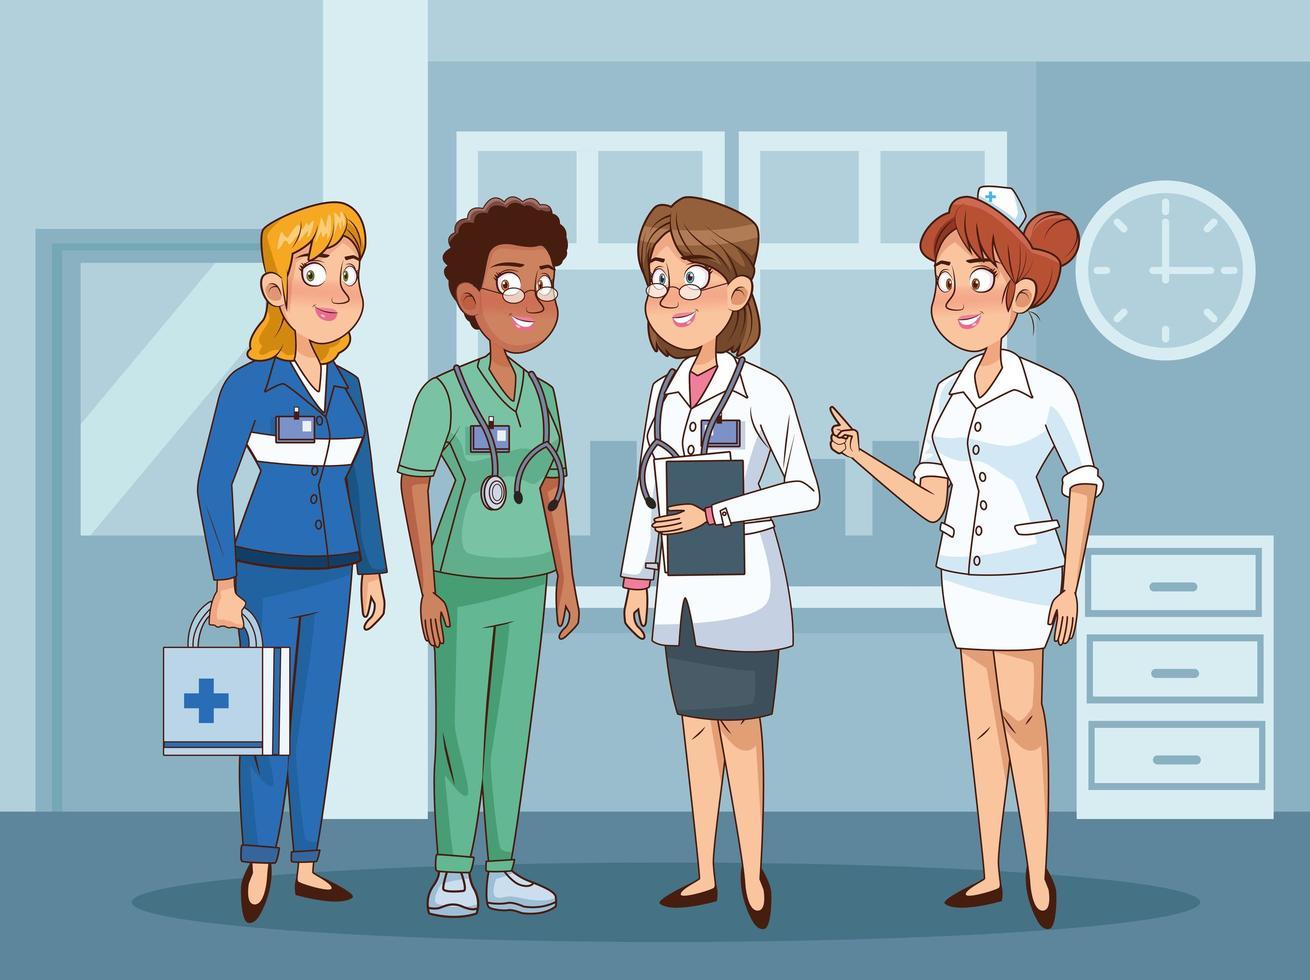 equipe de médicas profissionais vetor